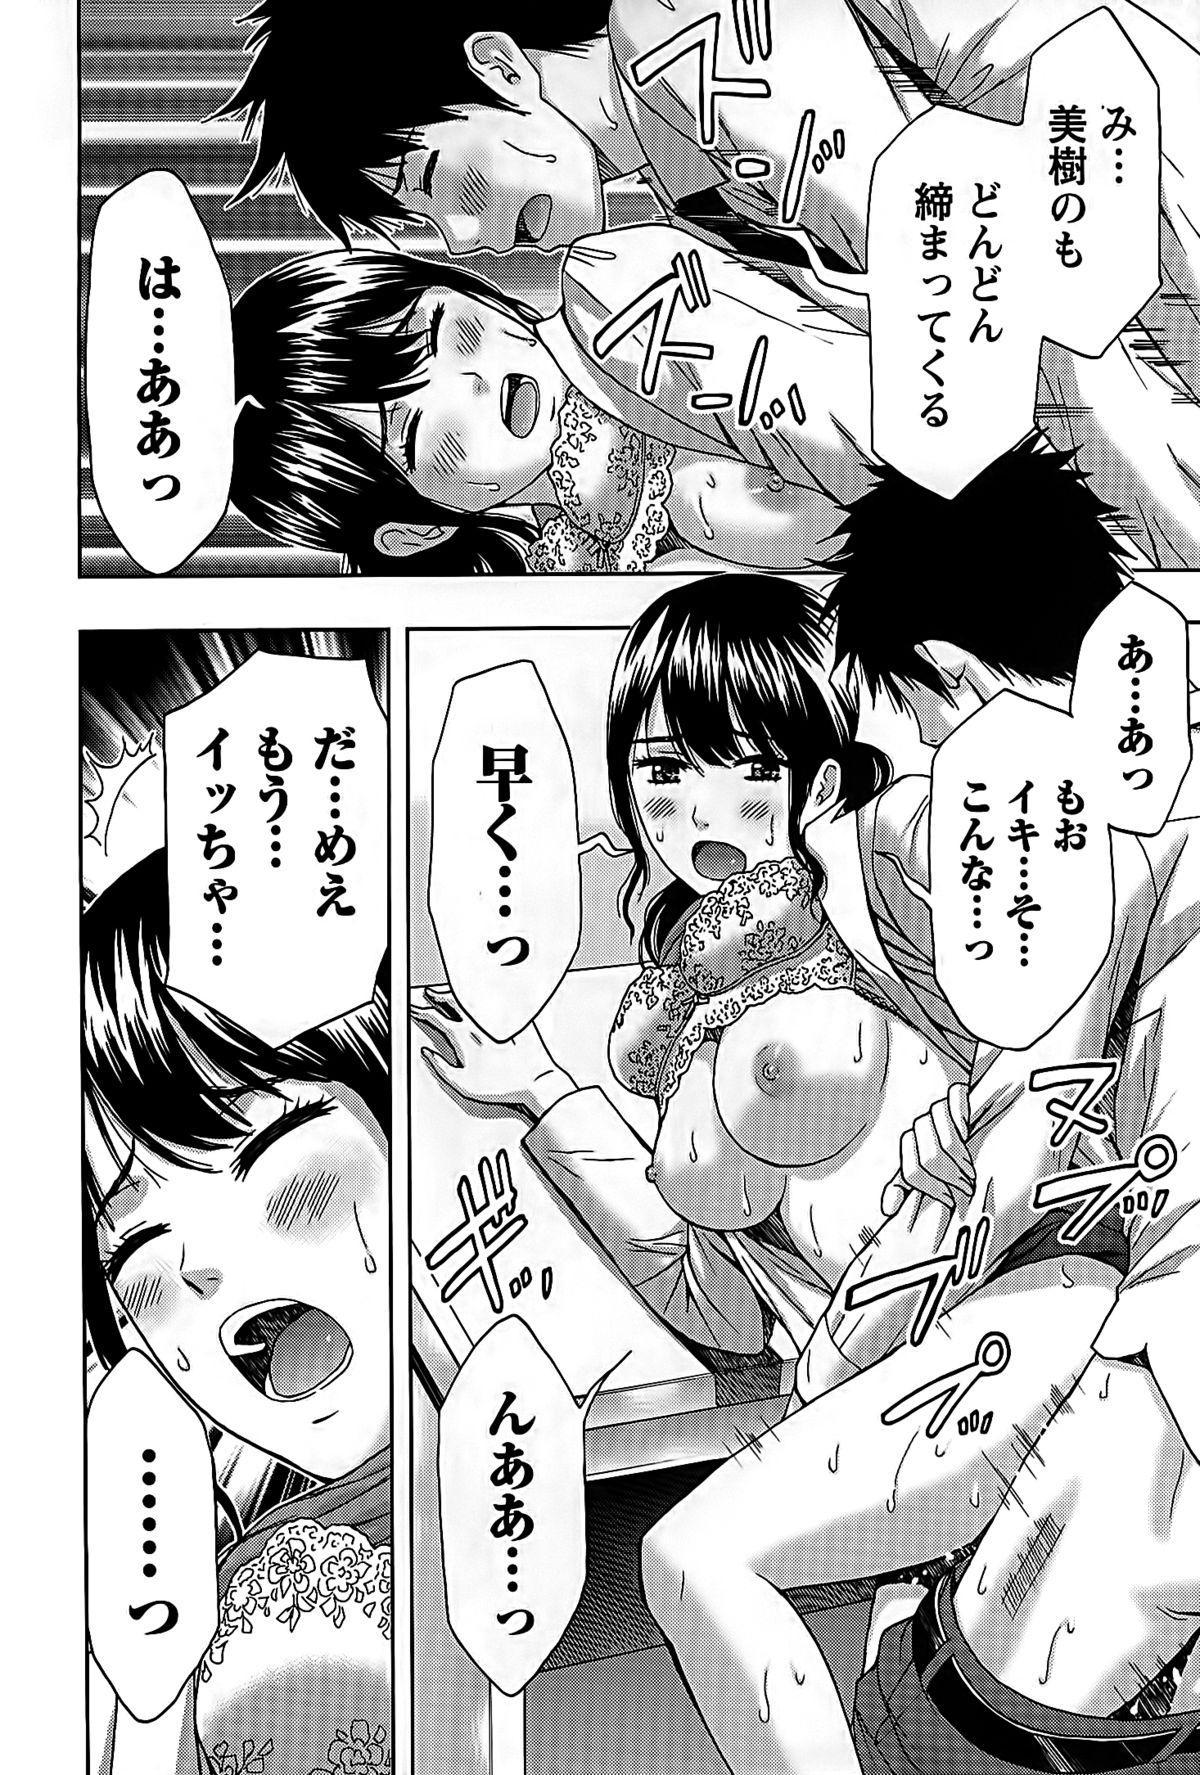 Shittori Lady to Amai Mitsu 79